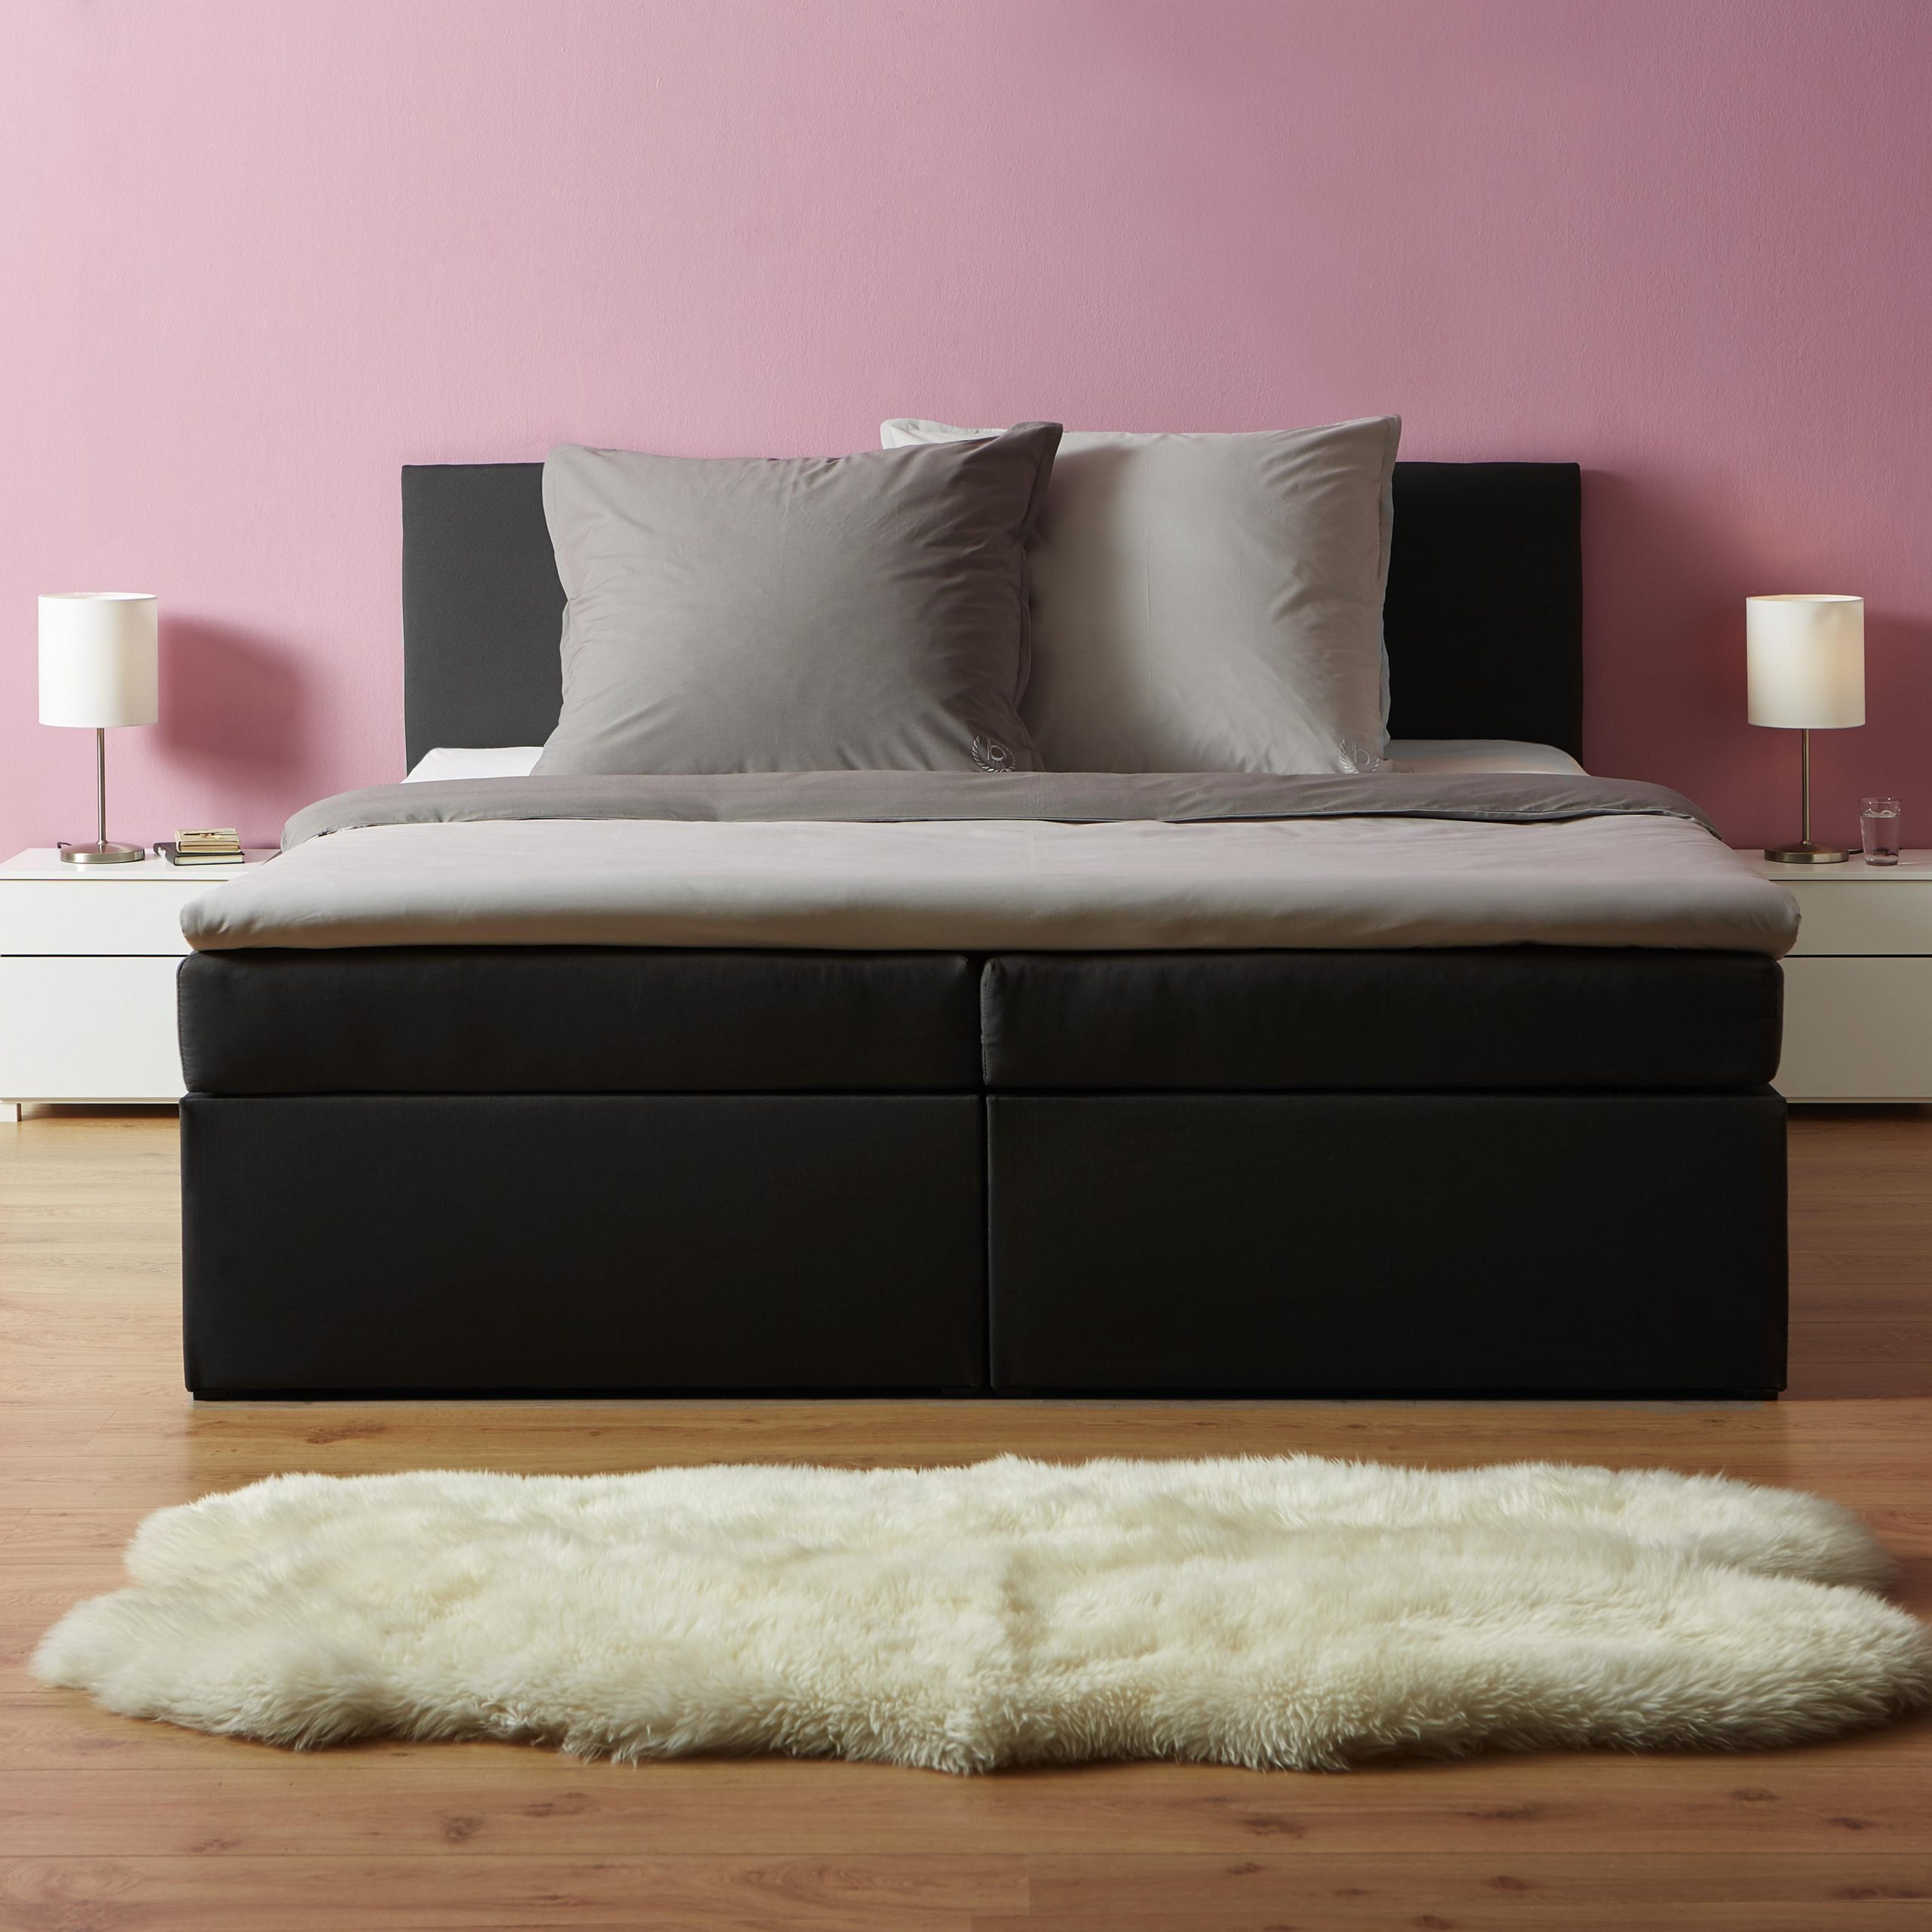 Full Size of Graues Bett Passende Wandfarbe 160x200 Kombinieren Samtsofa Ikea Bettlaken Waschen 120x200 140x200 Dunkel Welche Sofa Trends Betten Somnus Hülsta Teenager Bett Graues Bett